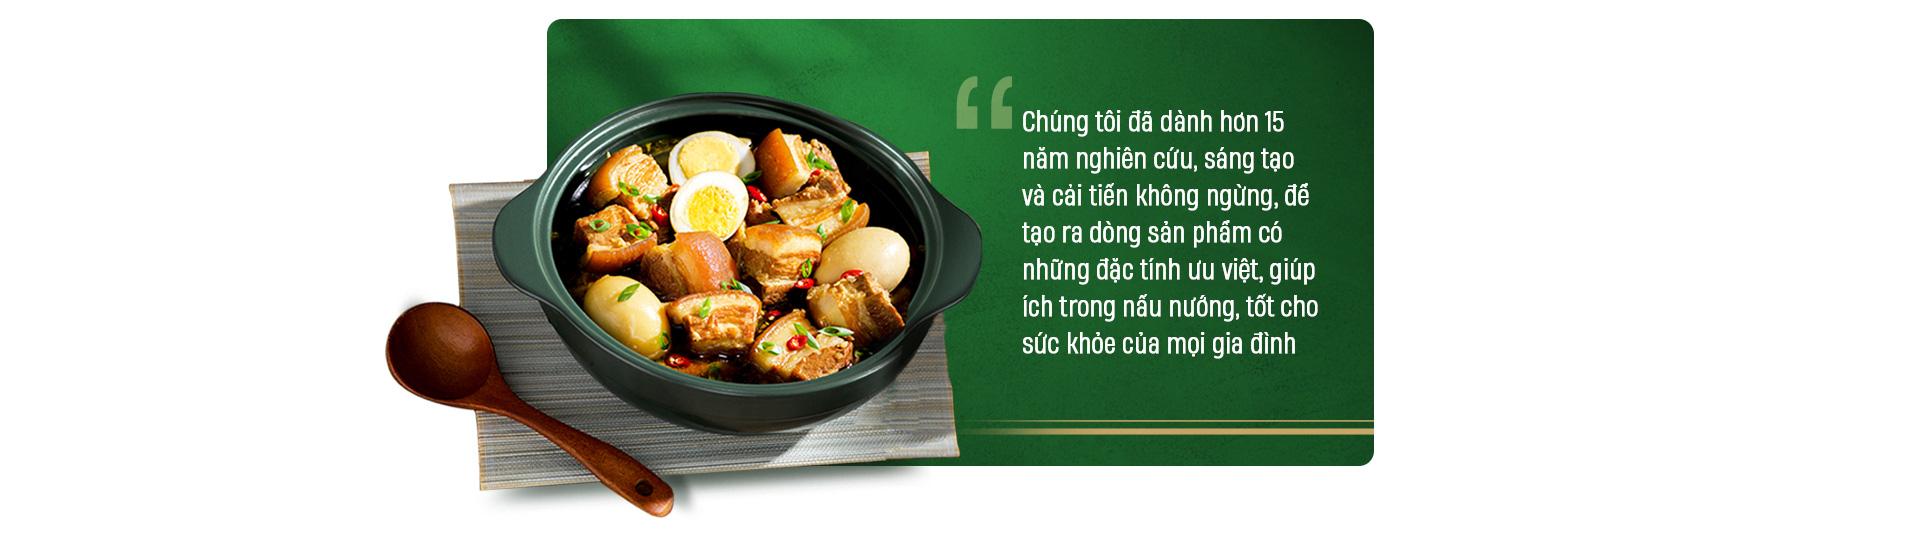 Ba năm sứ dưỡng sinh đồng hành cùng căn bếp Việt - Ảnh 3.